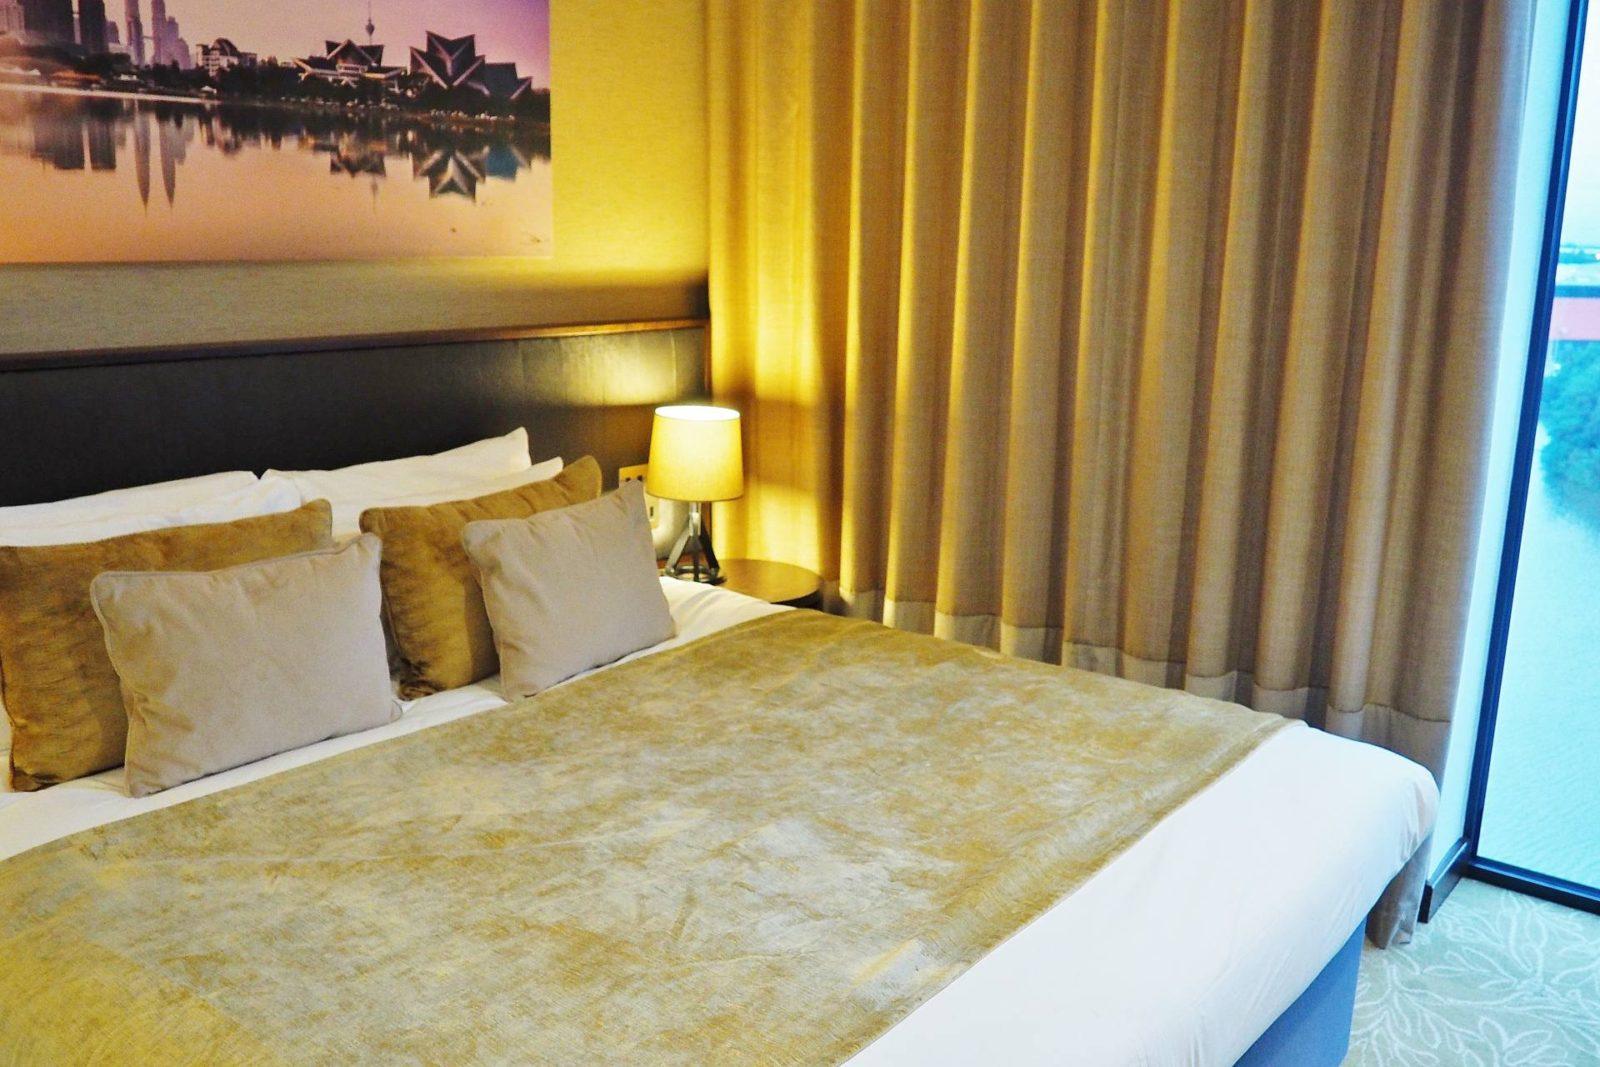 Genting Hotel Superior Room